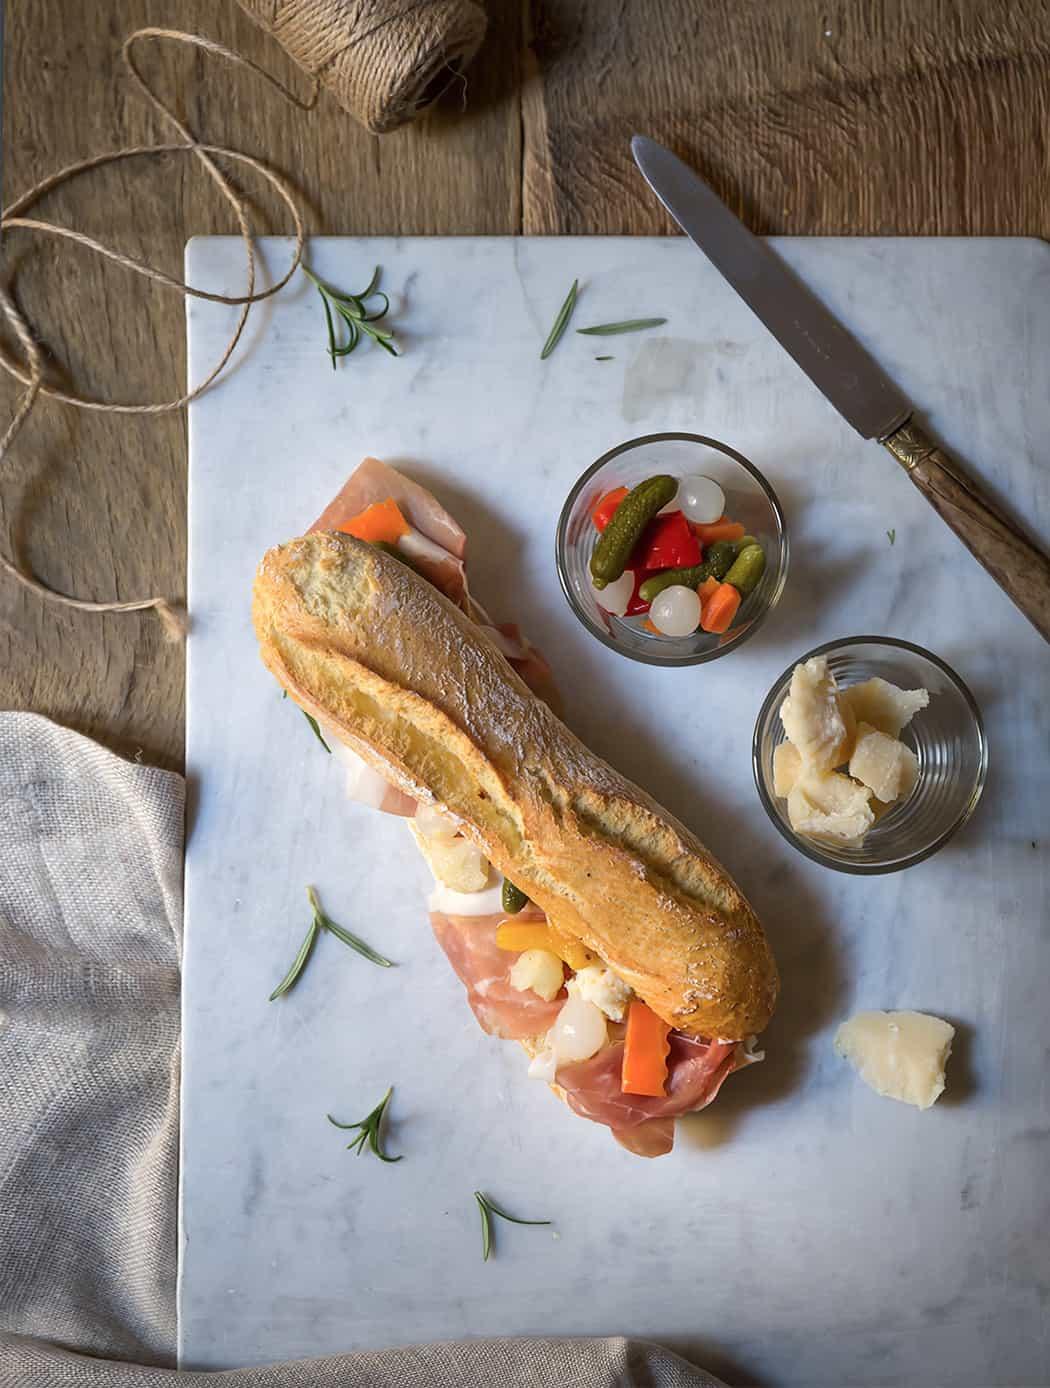 ricetta panino con prosciutto crudo